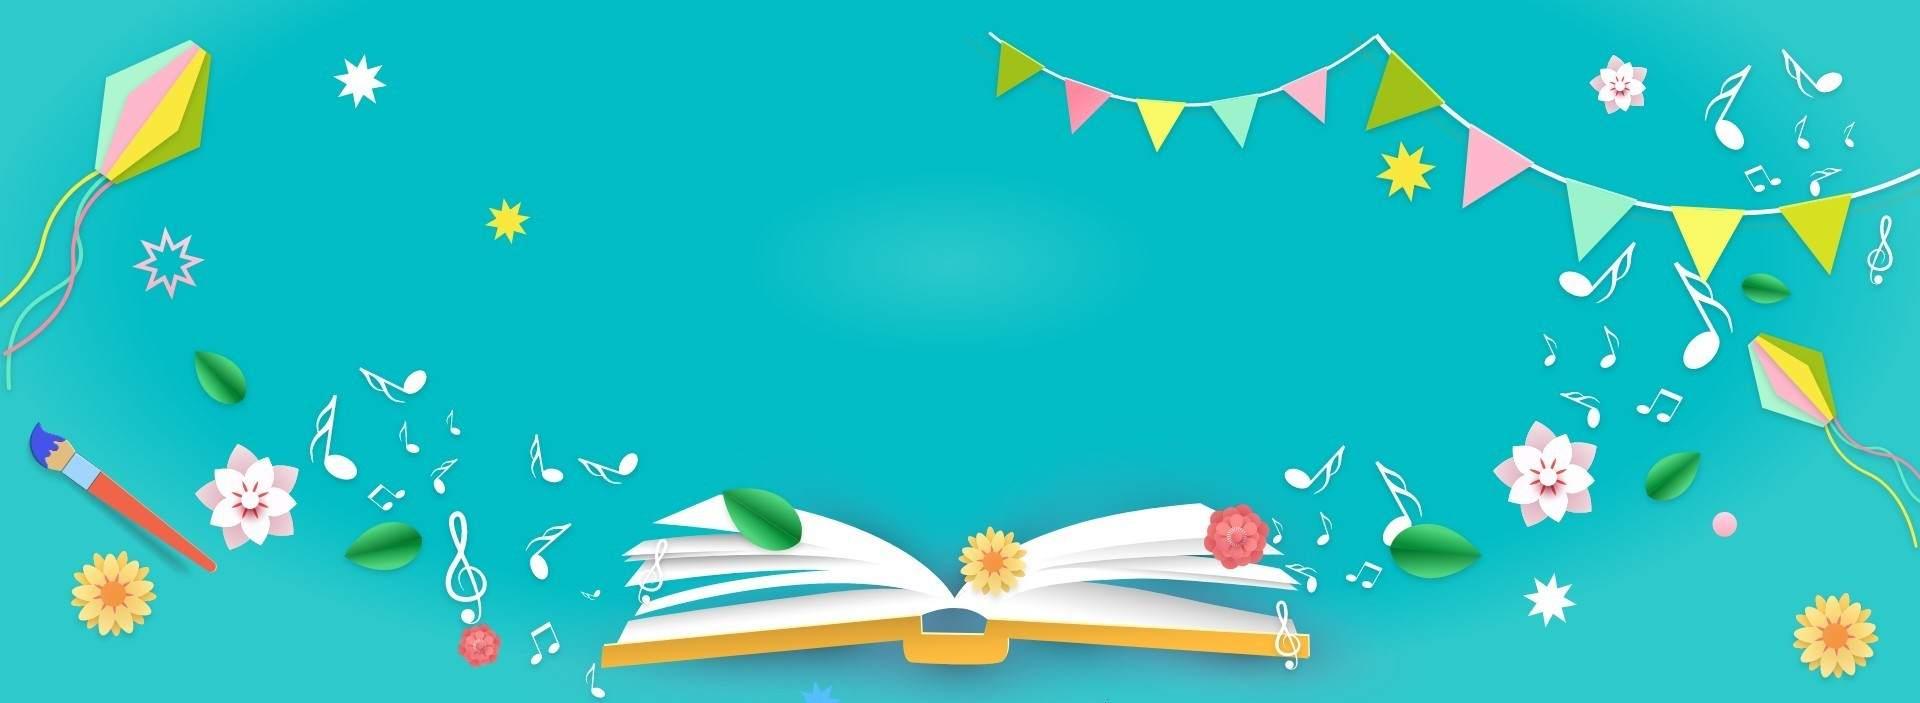 Audiolibri per bambini sull'arte | Libro+cd sull'arte per bambini